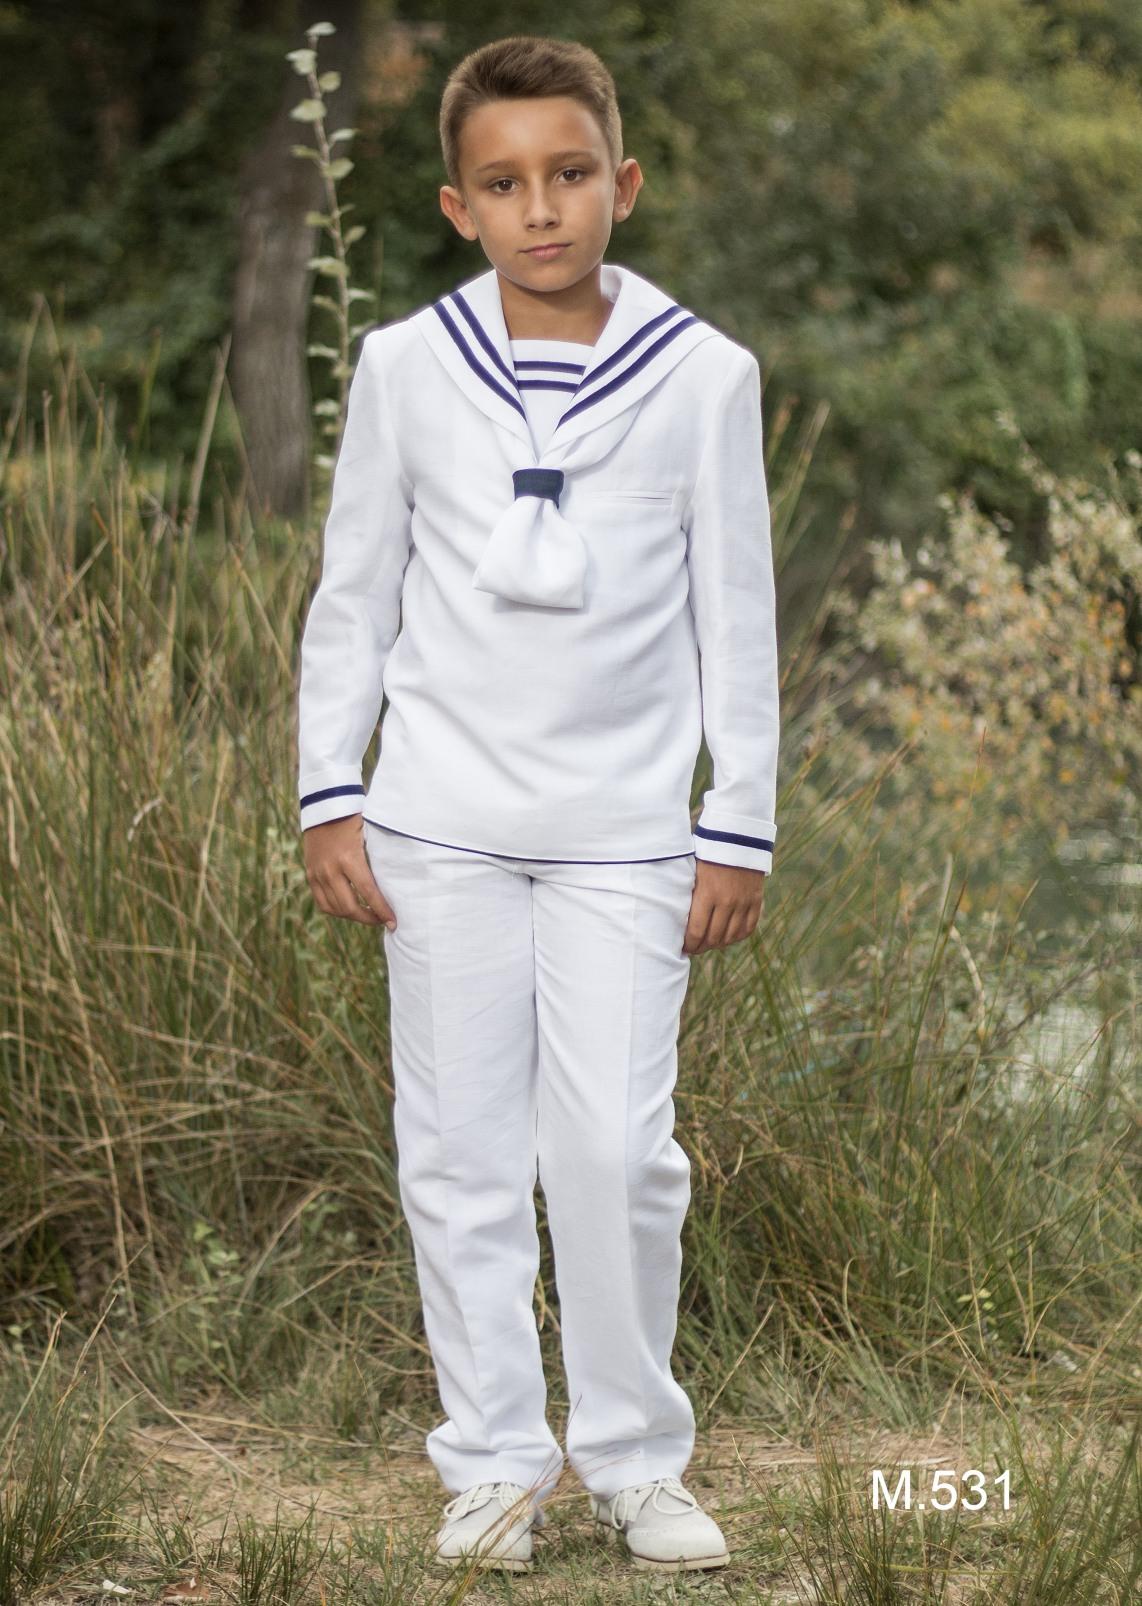 sencillo traje de marinero para primera comunión con ribetes en azul